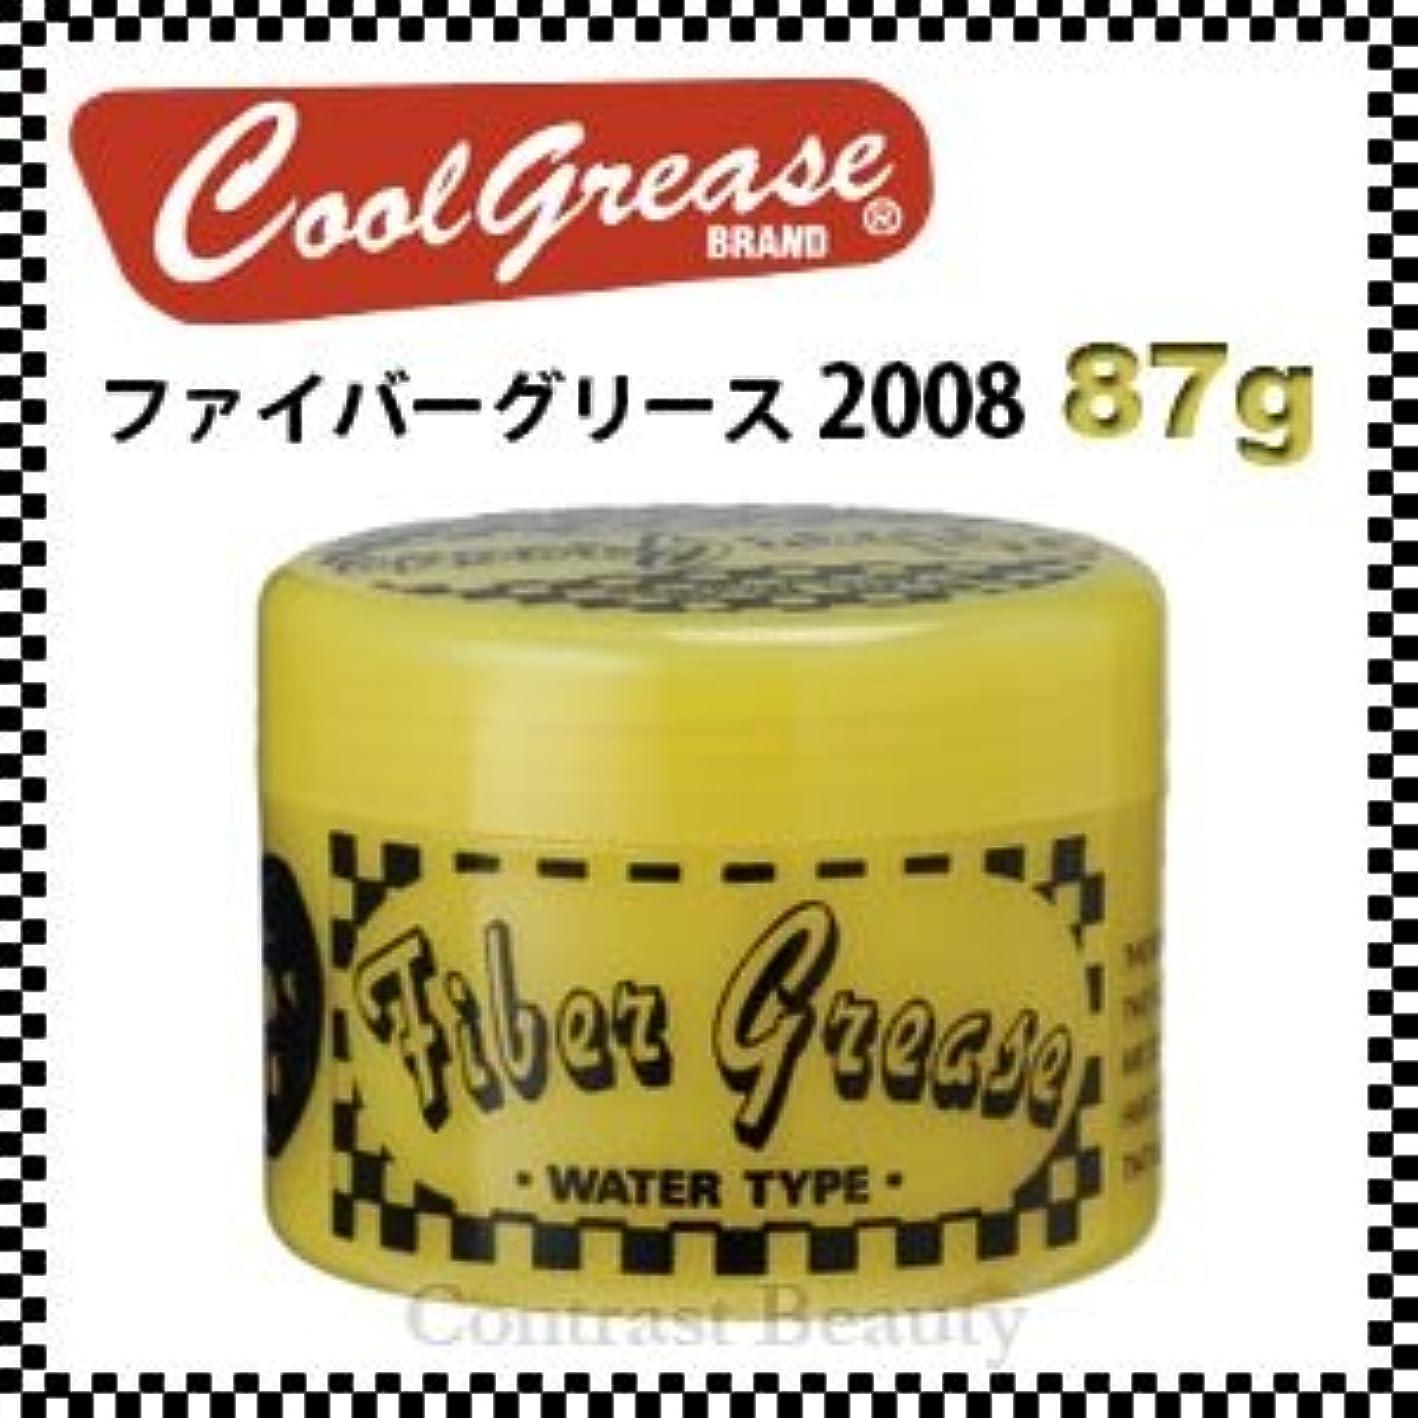 ライラックファンネルウェブスパイダータクシー【X2個セット】 阪本高生堂 ファイバーグリース 2008 87g